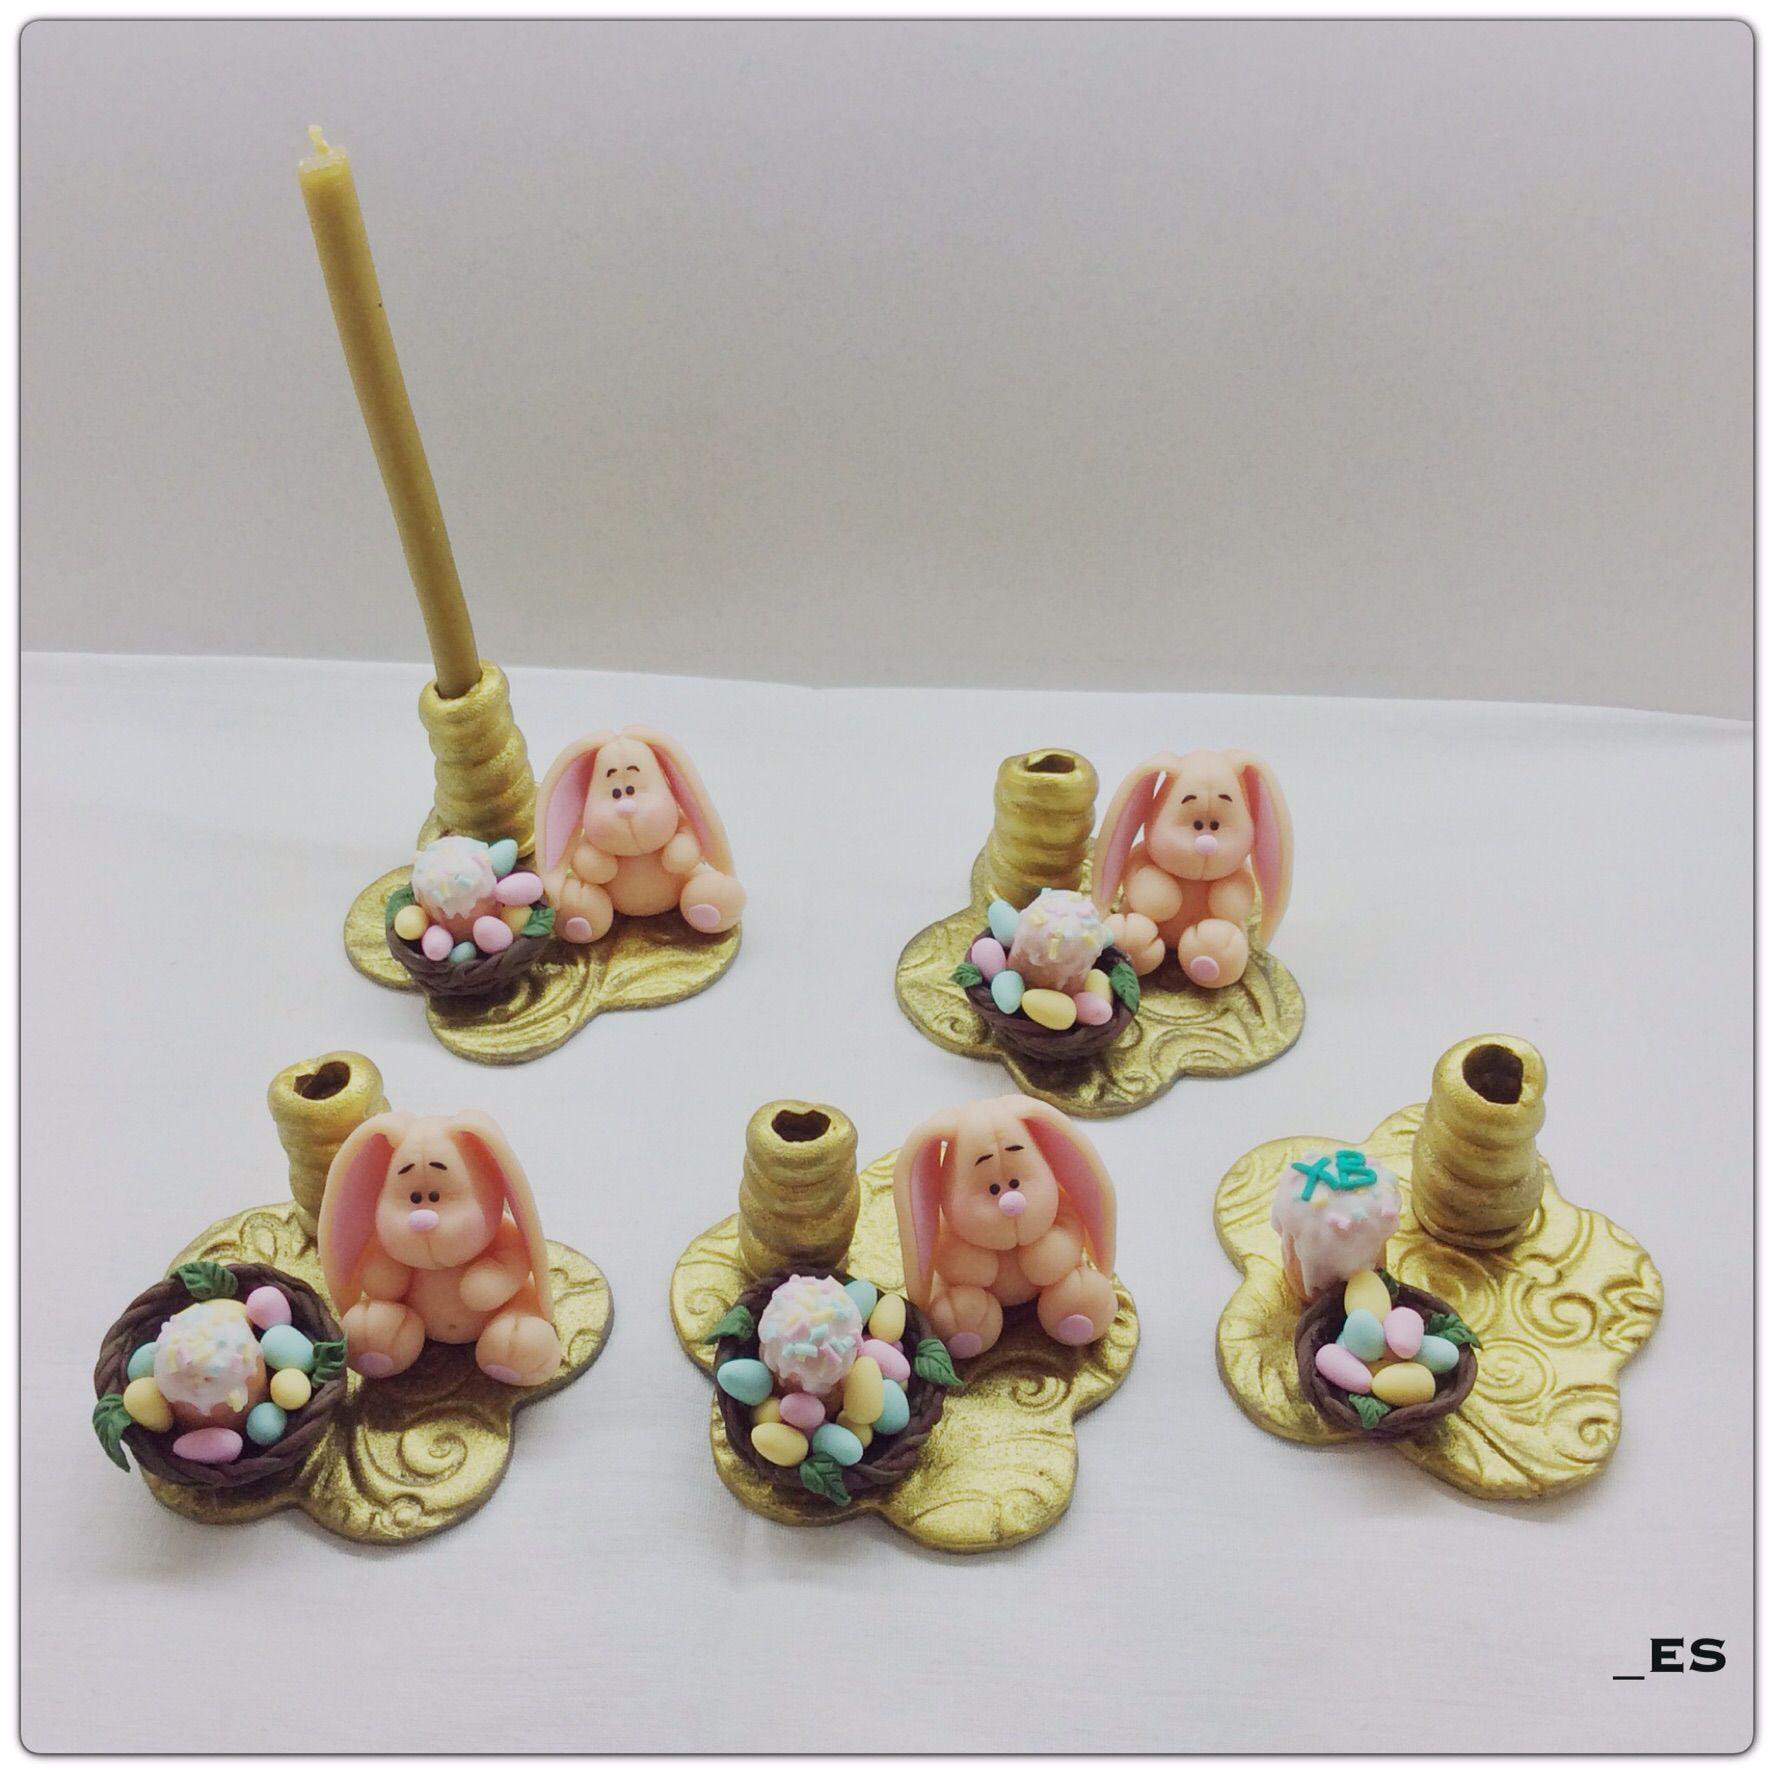 пасхальнаякорзина пасхальныйкролик пасха2016 пасхальныйподарок пасхальныйсувенир сувенирнапасху подарокнапасху пасхальноеяйцо fancyspoones заяц пасха подсвечник яйцо